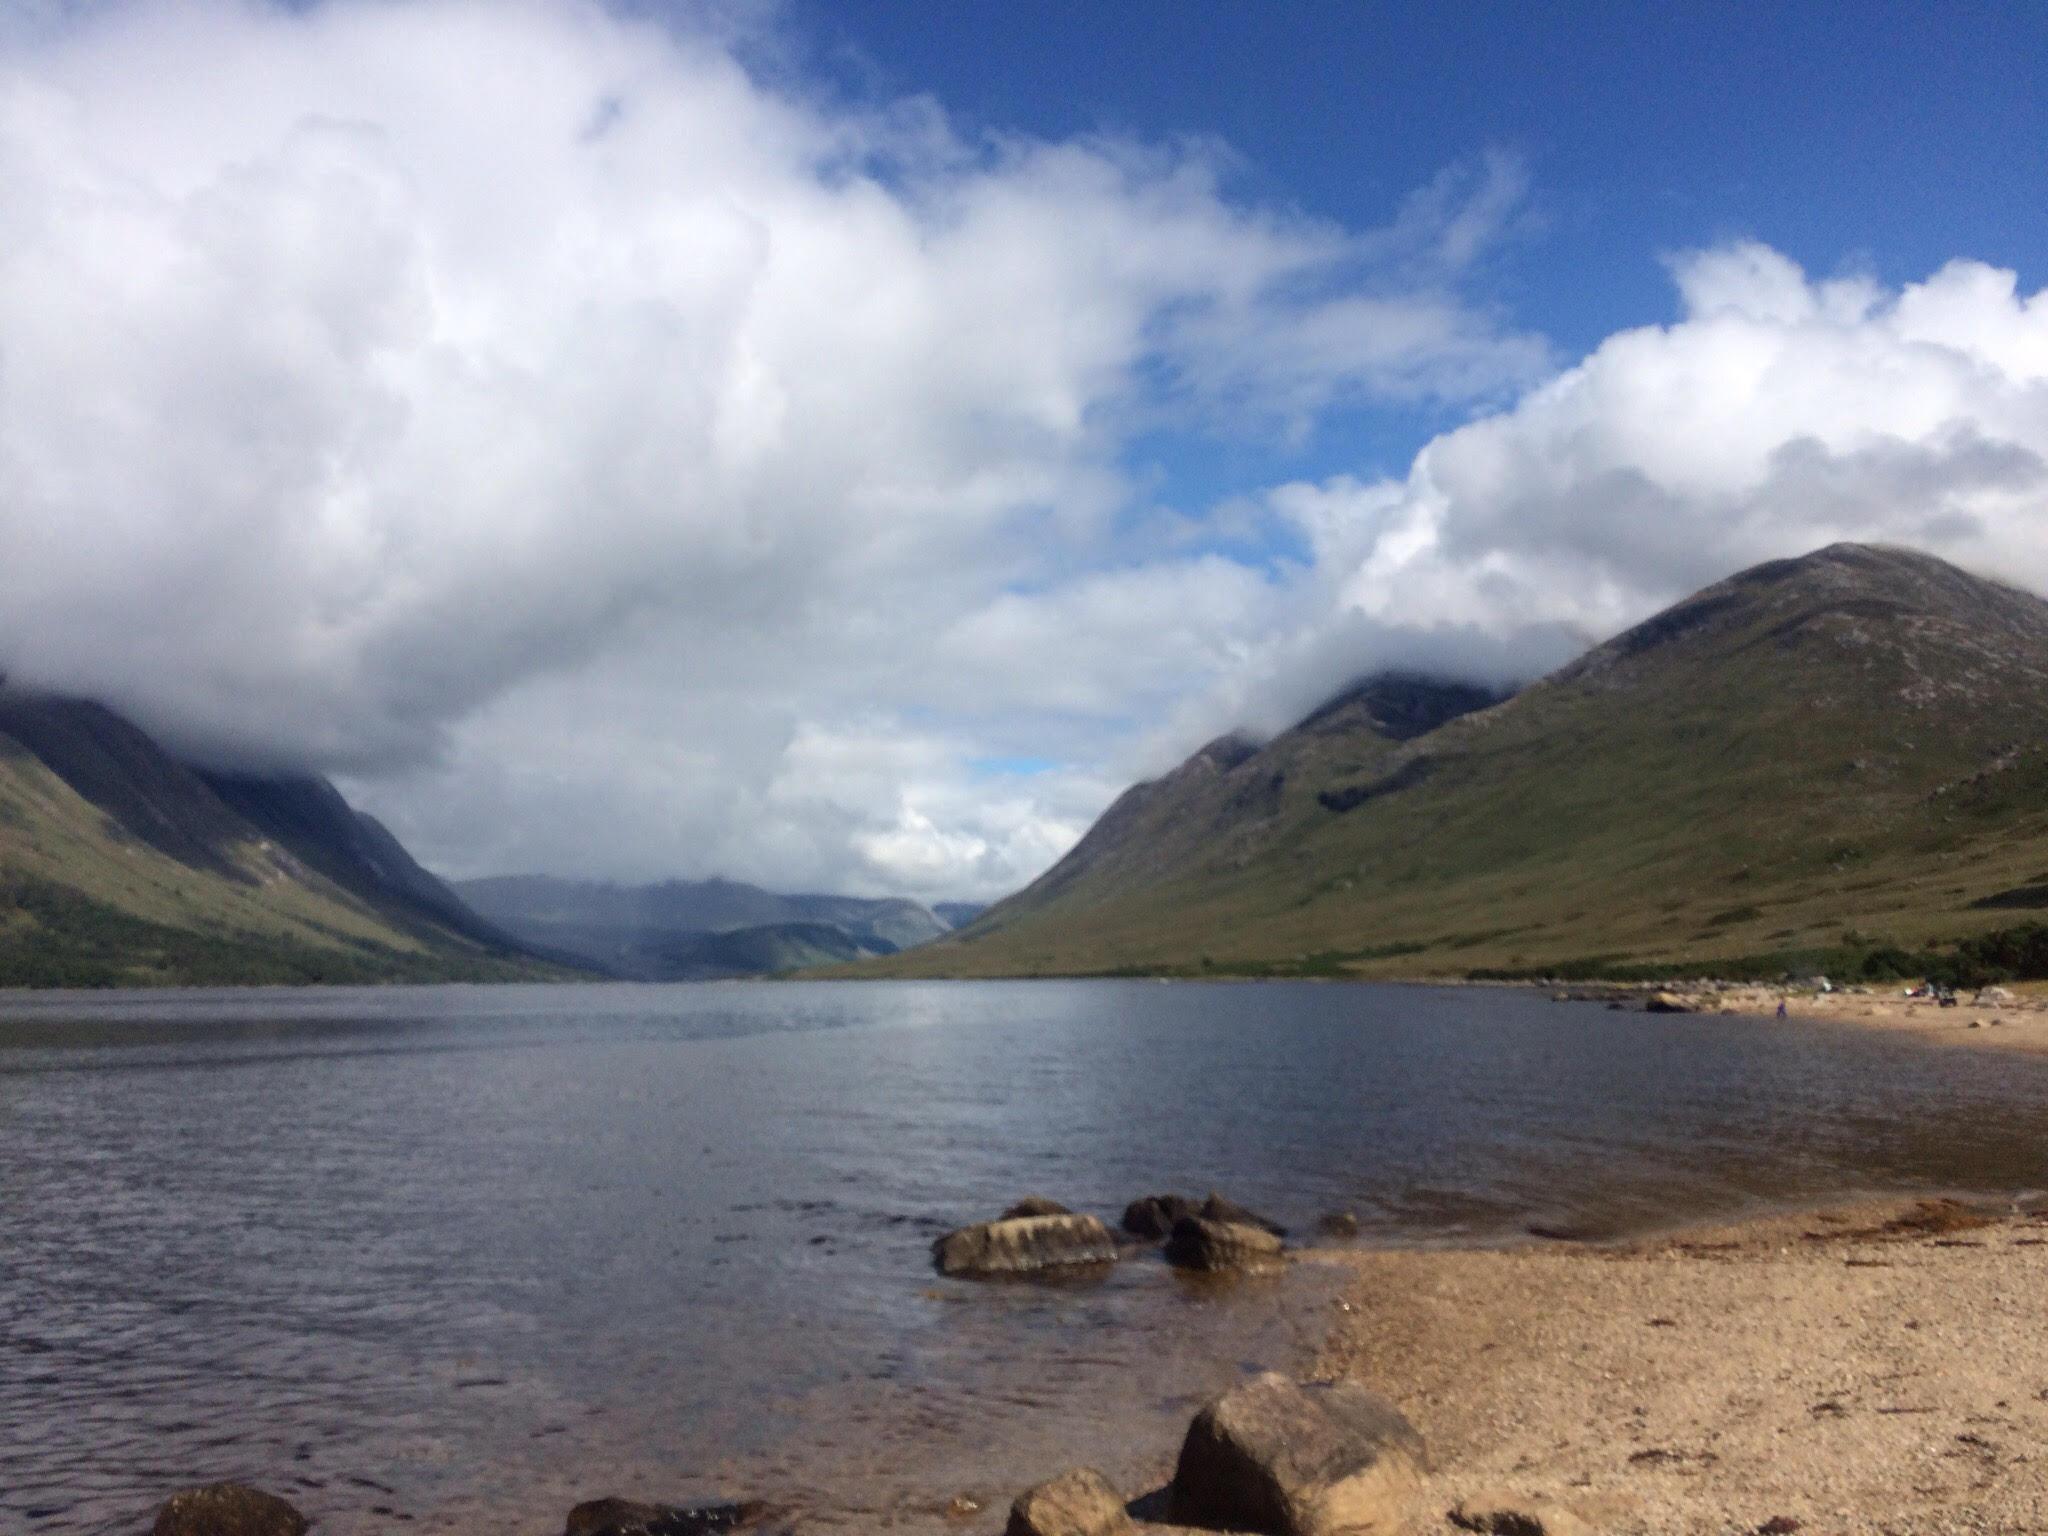 Stunning Scottish scenery